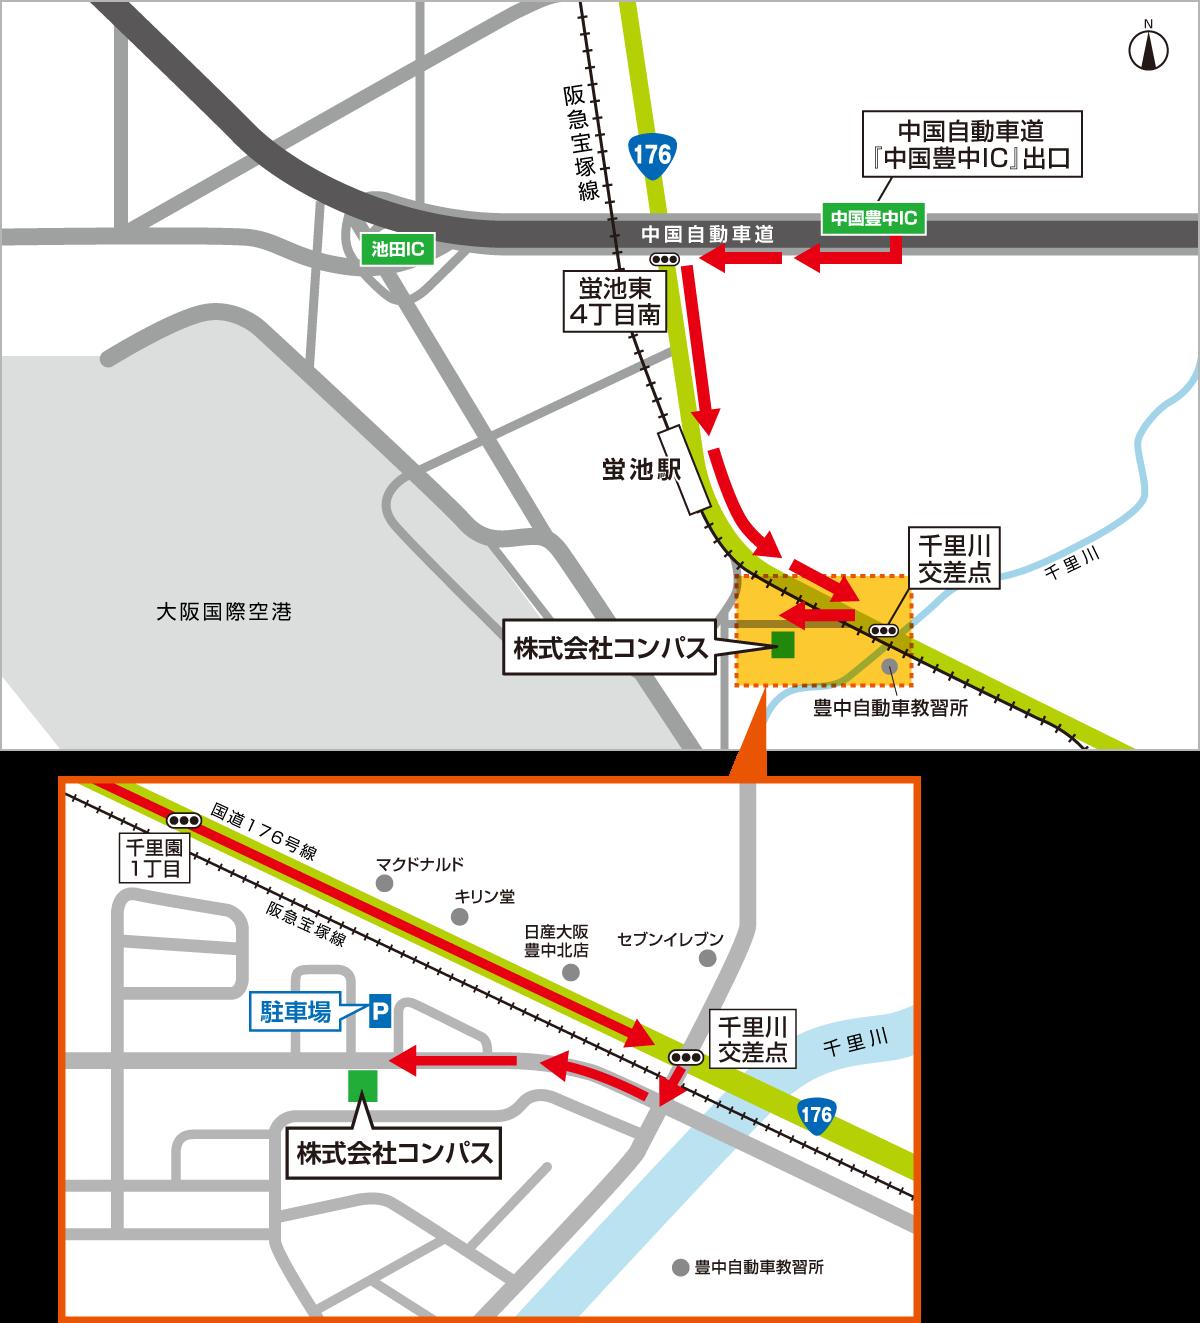 中国豊中IC方面からのアクセス